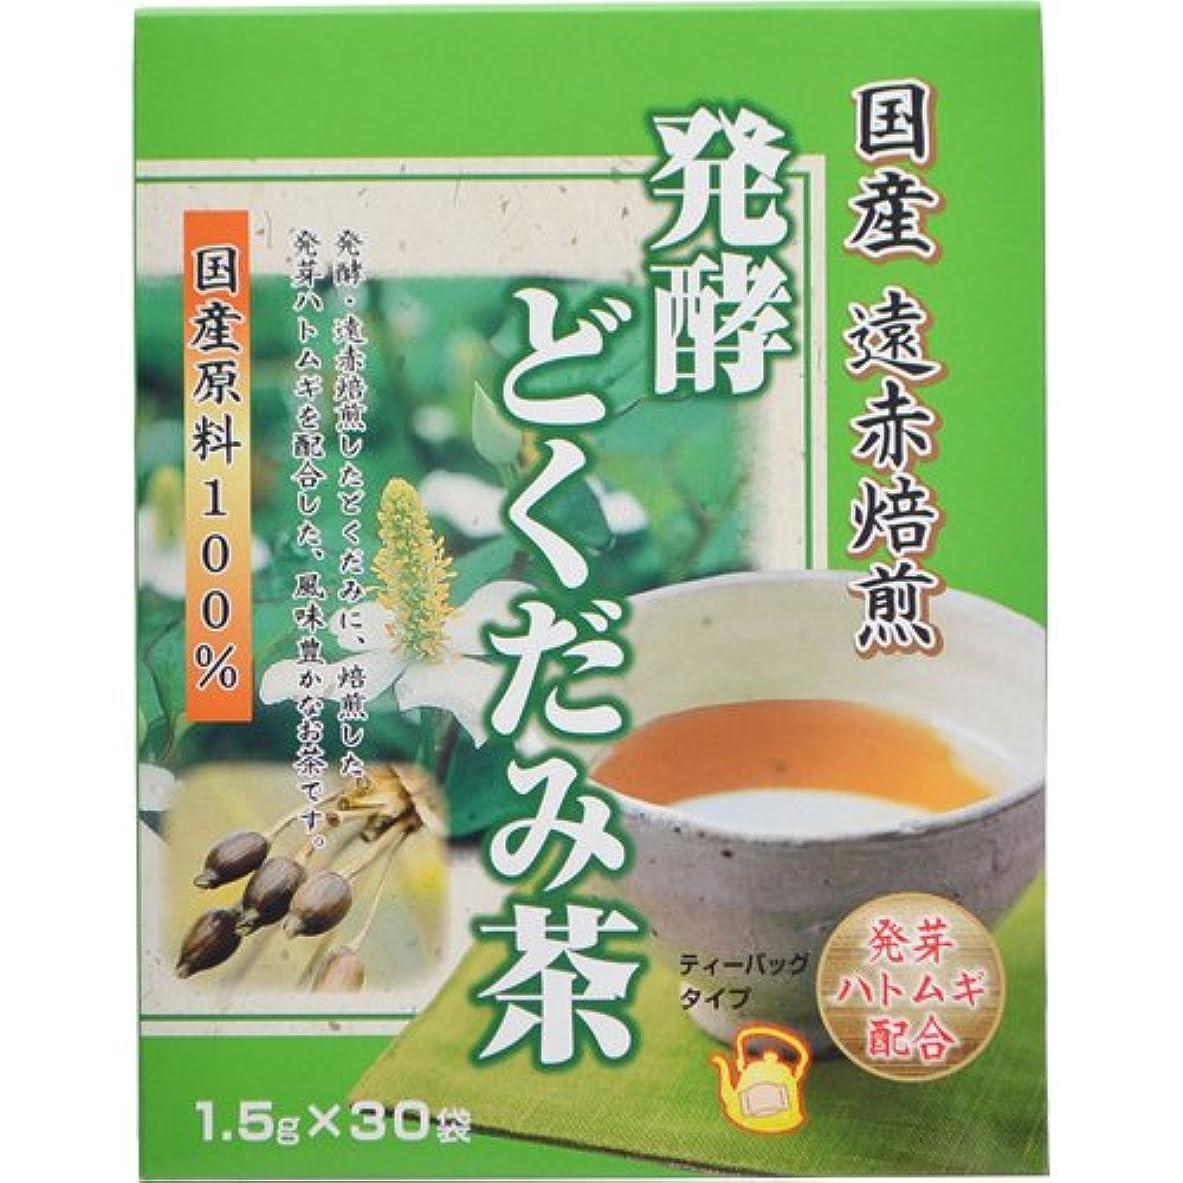 公式盟主スリット発酵どくだみ茶 1.5gX30袋